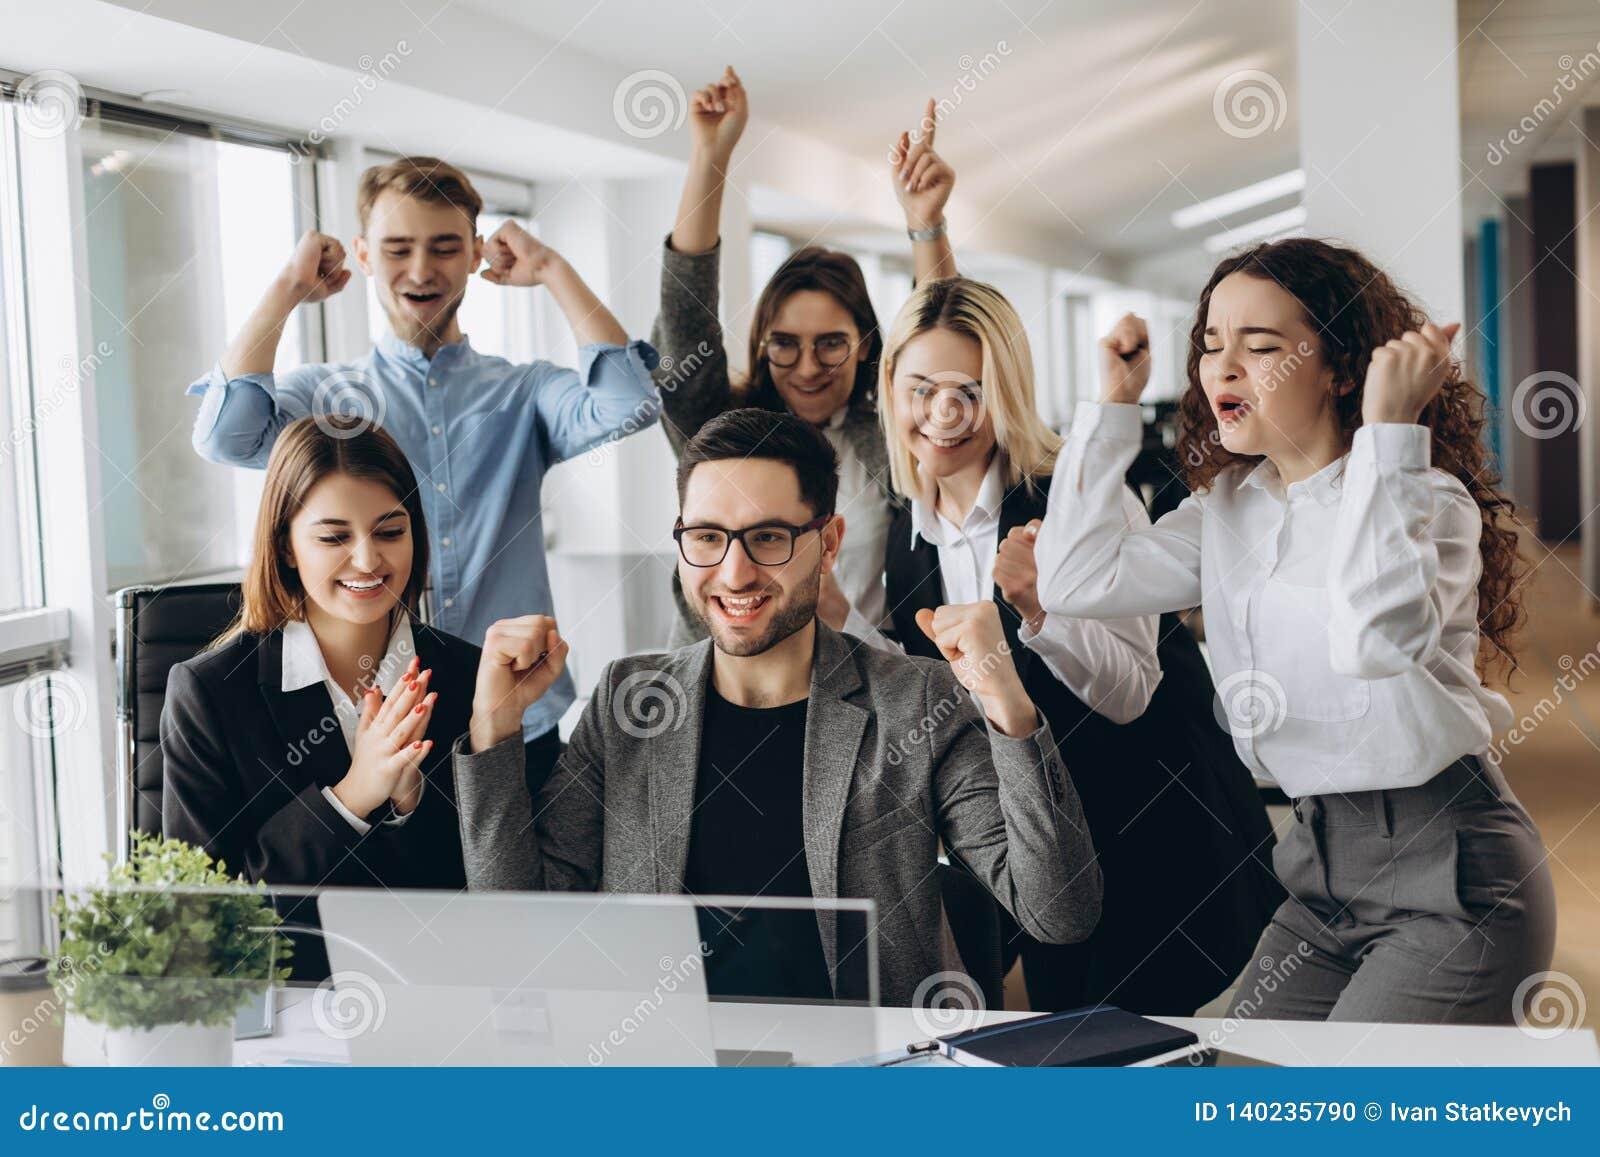 Πορτρέτο της πολύ ευτυχούς επιτυχούς εκφραστικής gesturing επιχειρησιακής ομάδας στο γραφείο